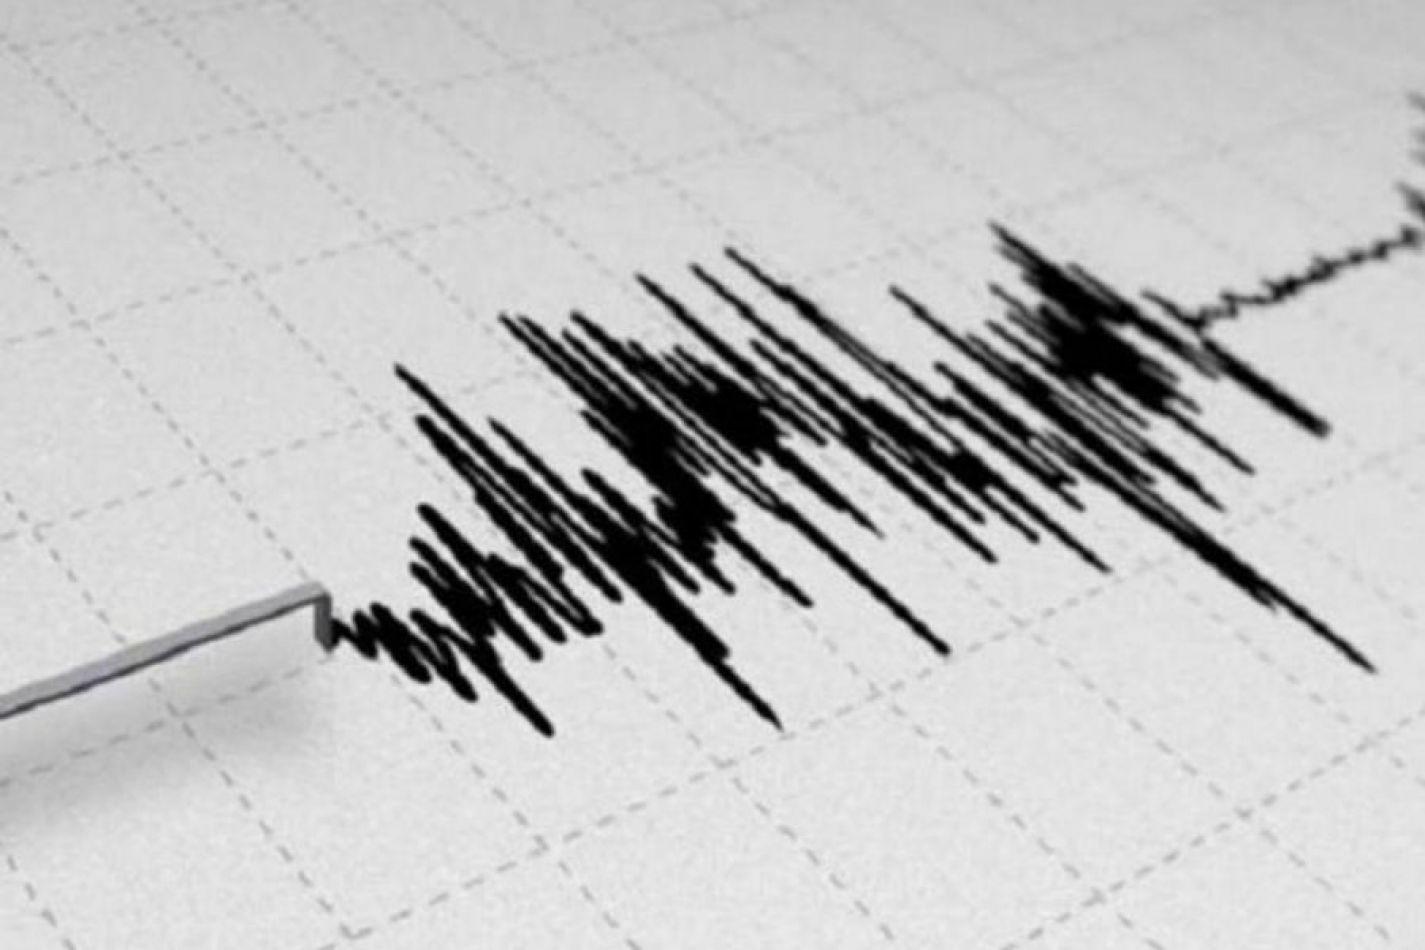 Un sismo hizo temblar a San Martín de los Andes